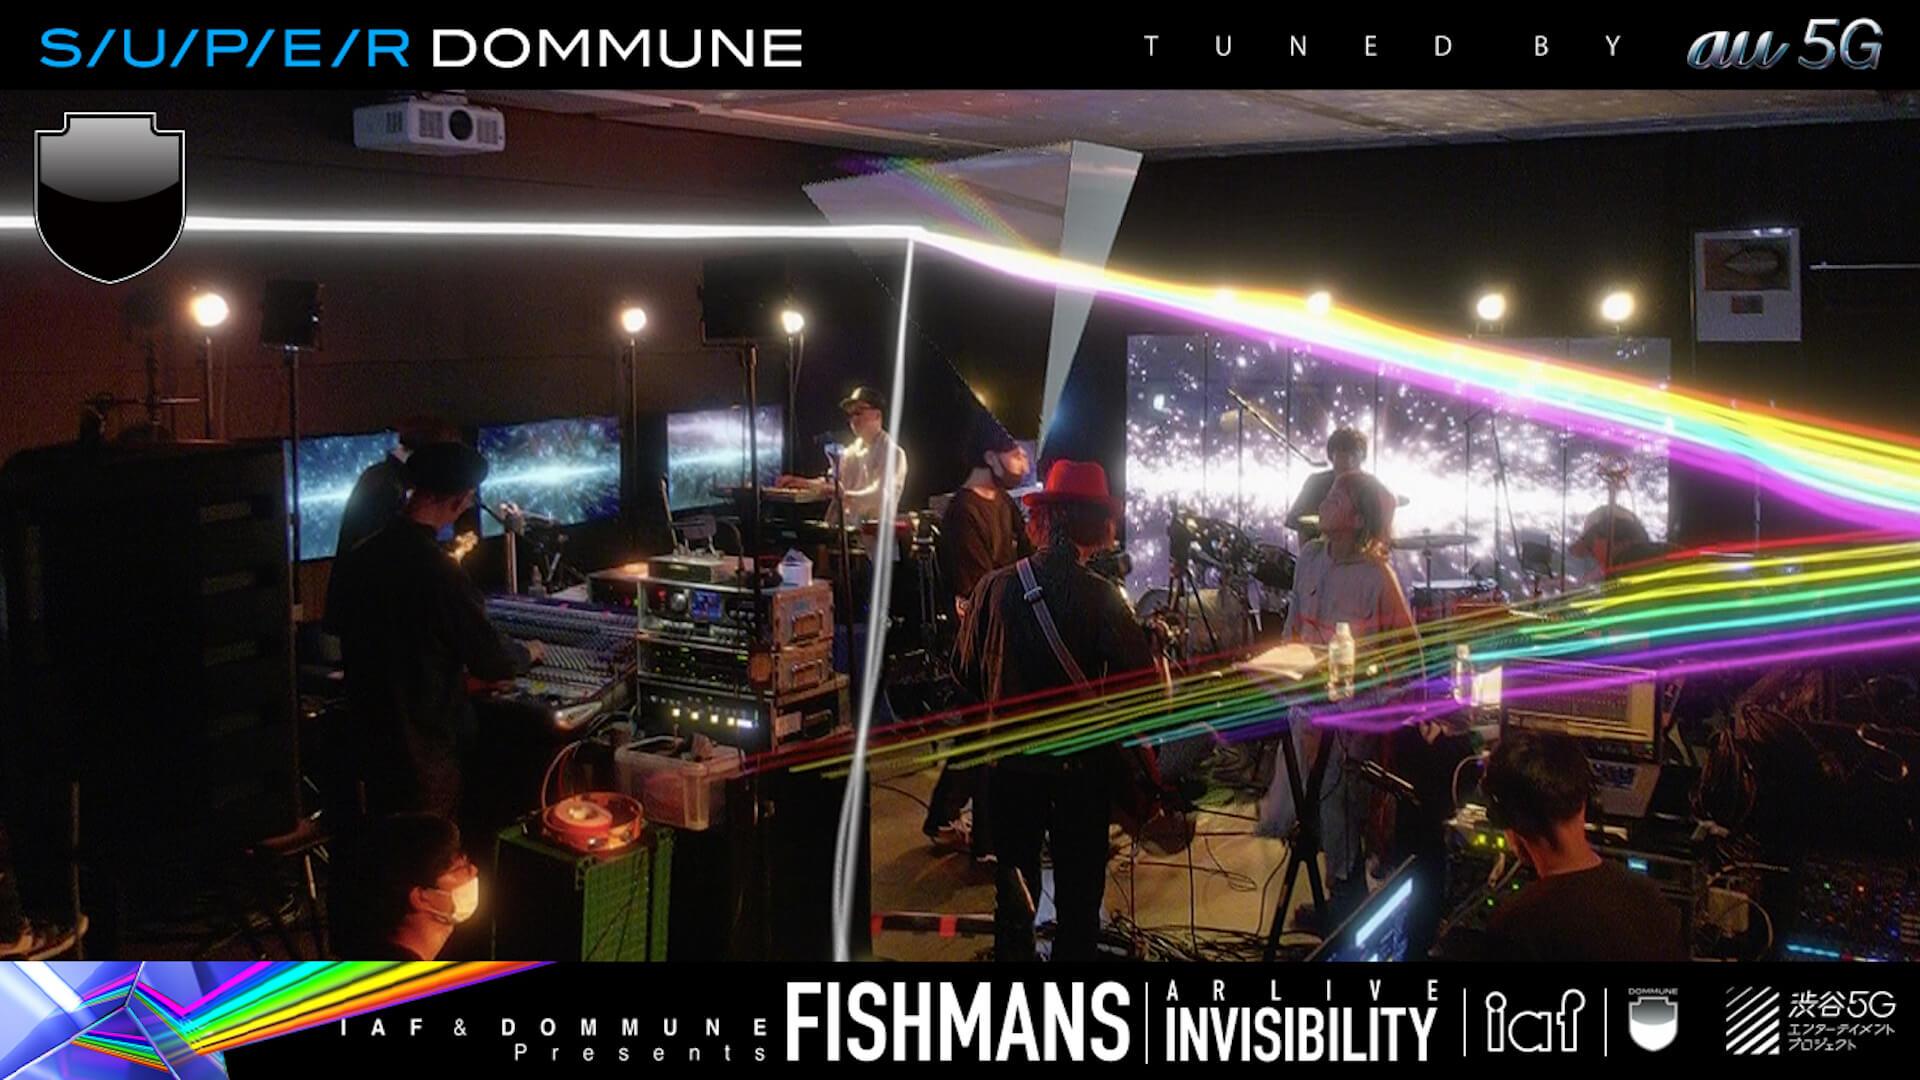 リアルとバーチャルのシナジーが生まれたFISHMANS AR LIVE<INVISIBILITY> music200622_fishmans_superdommune_7